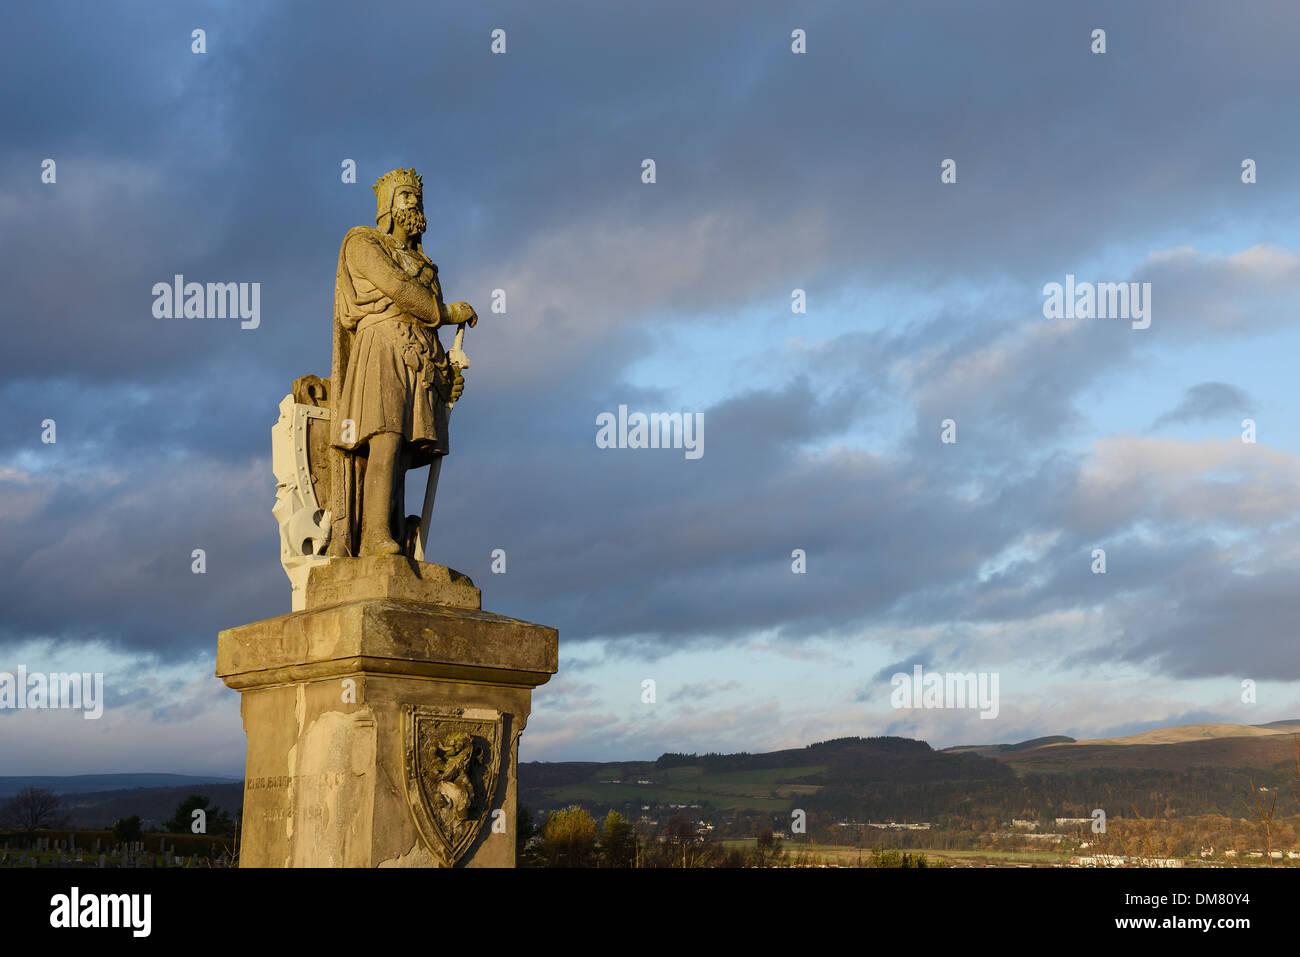 Statua di Robert the Bruce al di fuori del Castello di Stirling in Scozia Foto Stock